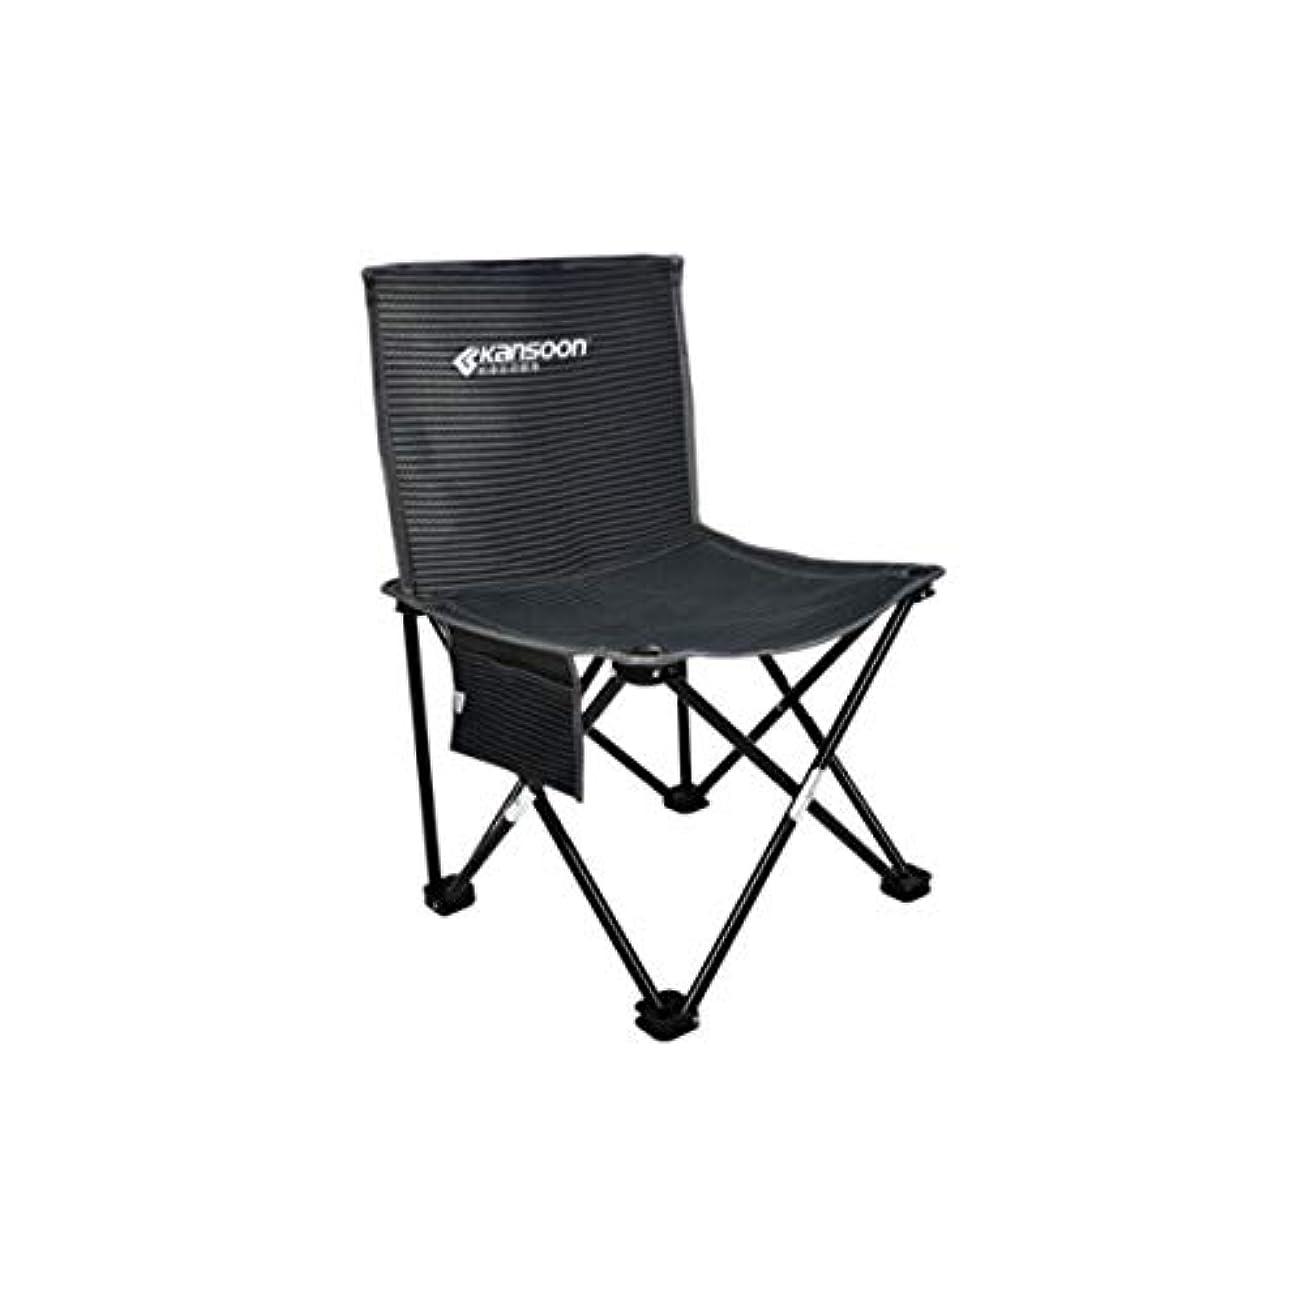 表示舌な温度計KEHUITONG ポータブル折りたたみ椅子、小さなスツール、シンプルな釣り椅子、アウトドアレジャーマザール、ビーチチェア、40×40×64センチ (Edition : A)